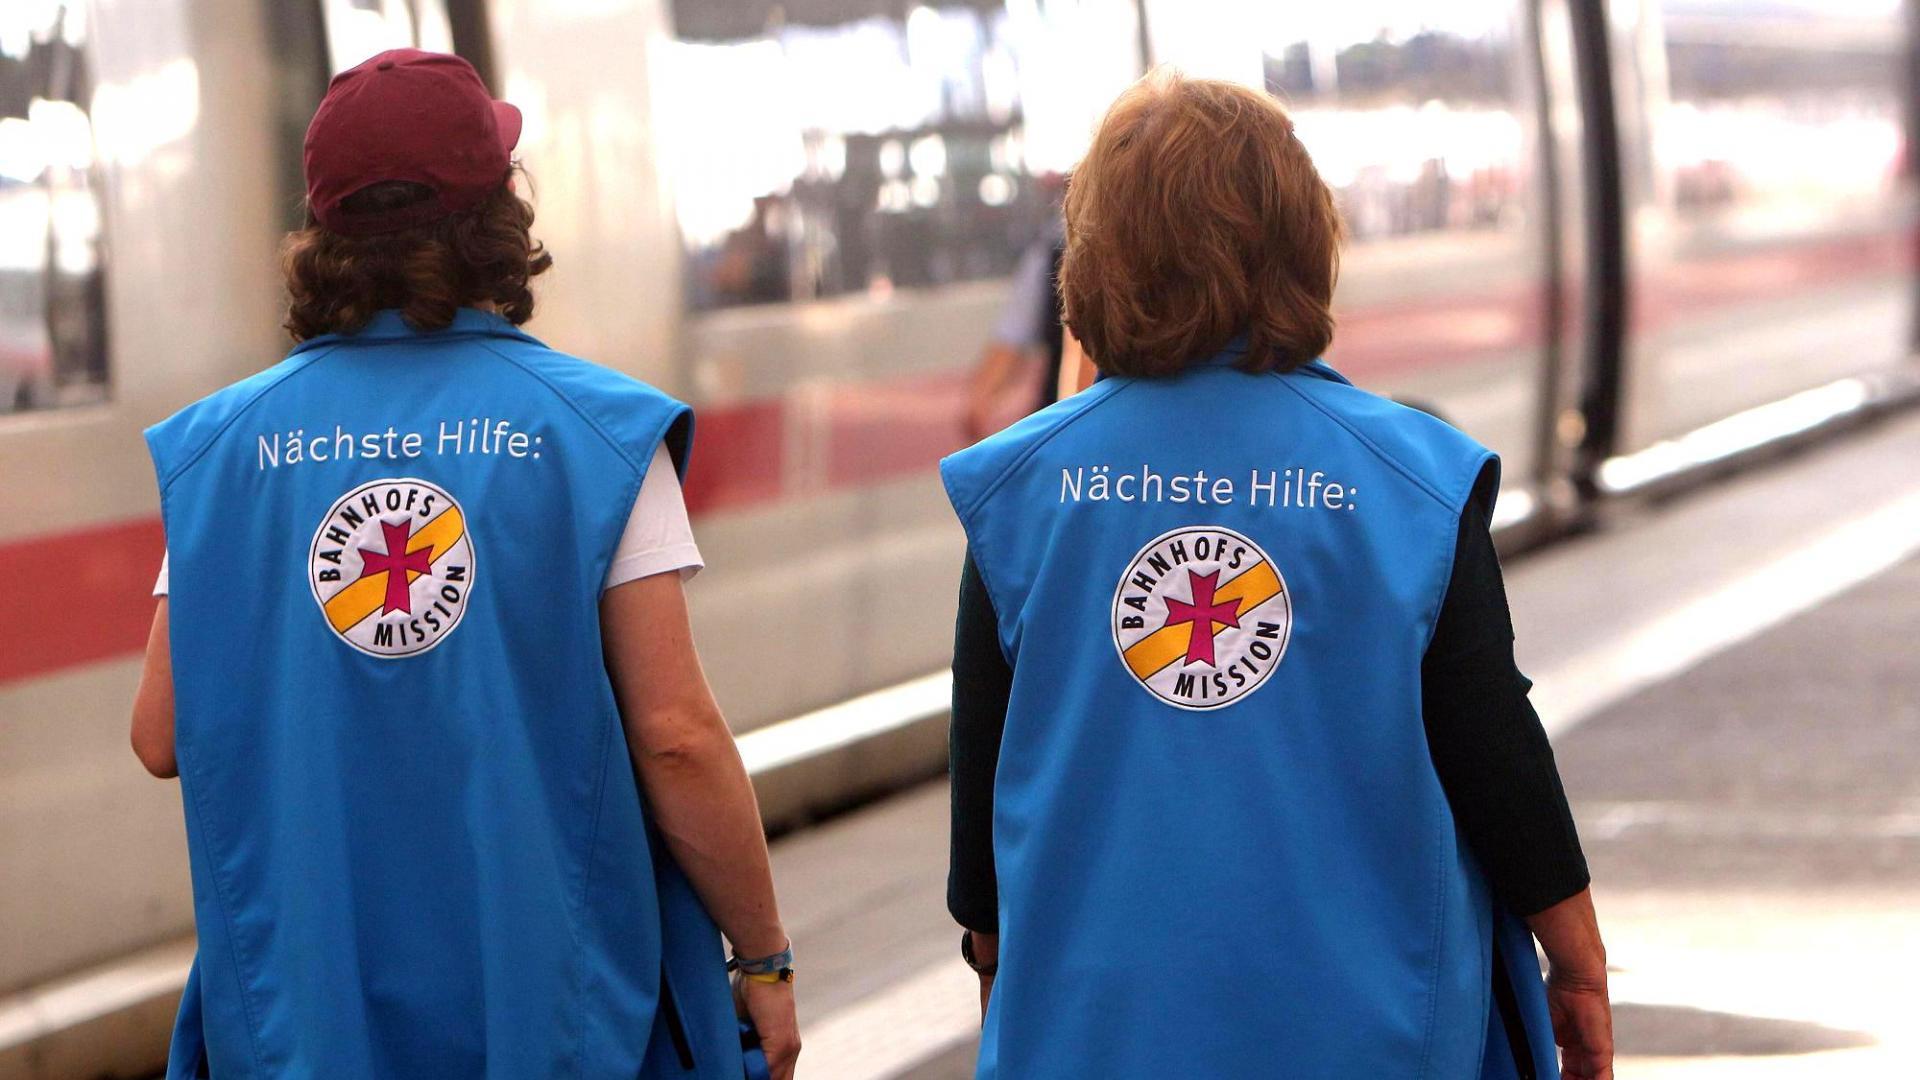 Mitarbeiterinnen der Bahnhofsmission